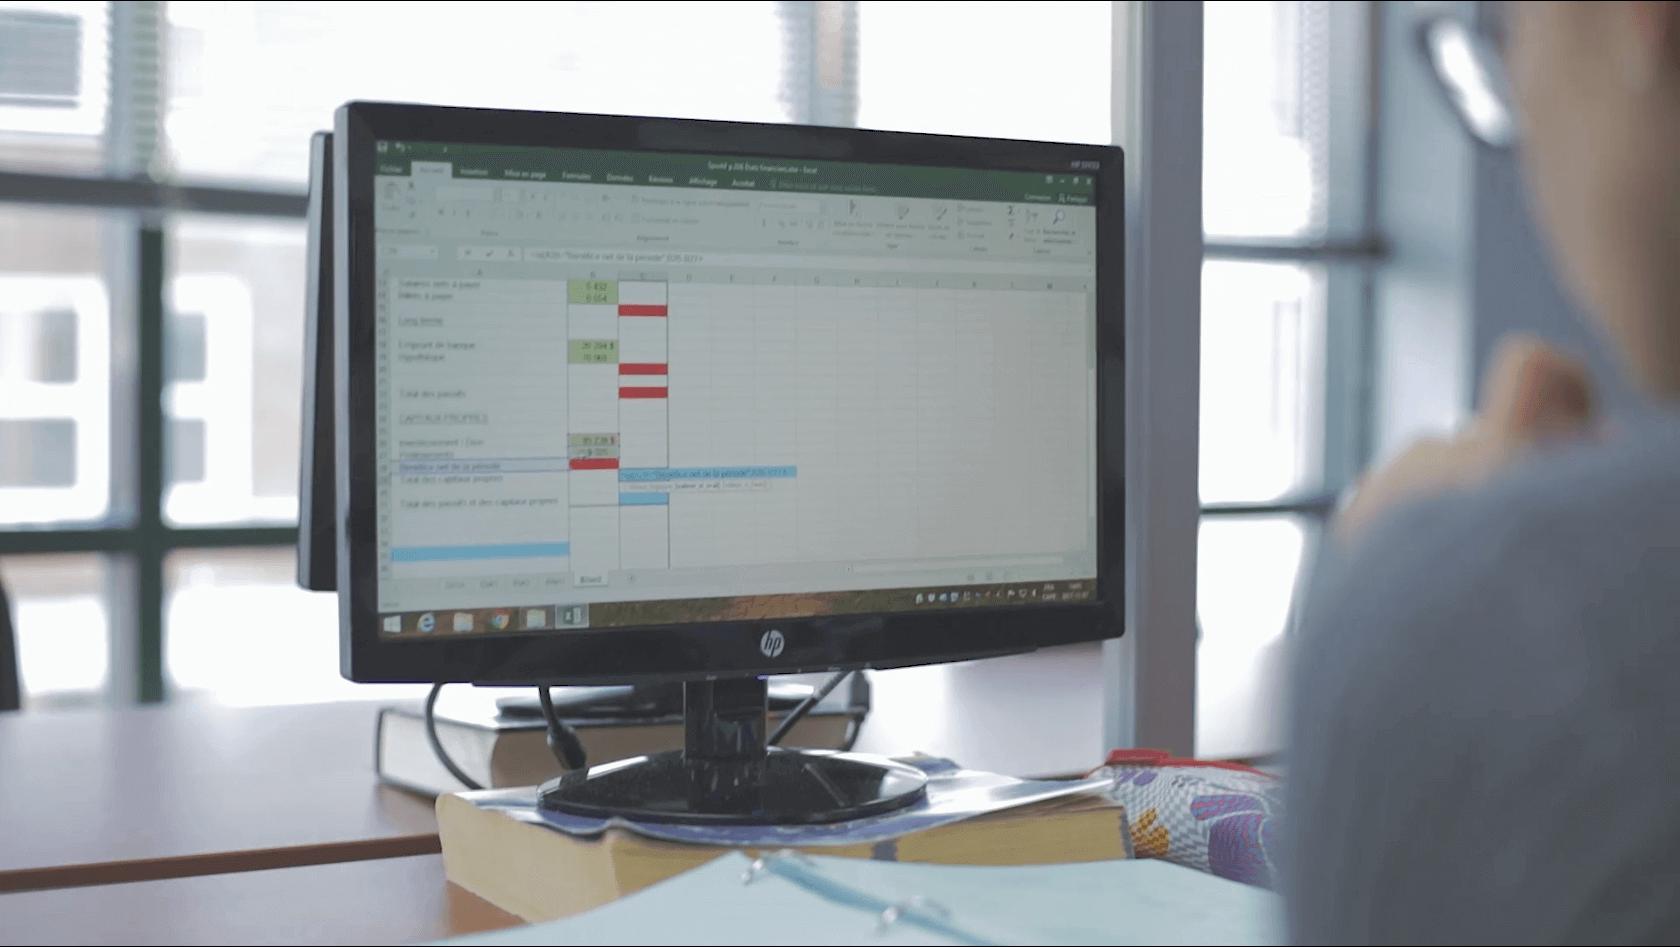 Développe une comptabiblté de gestion efficace avec le DEC en comptabilité